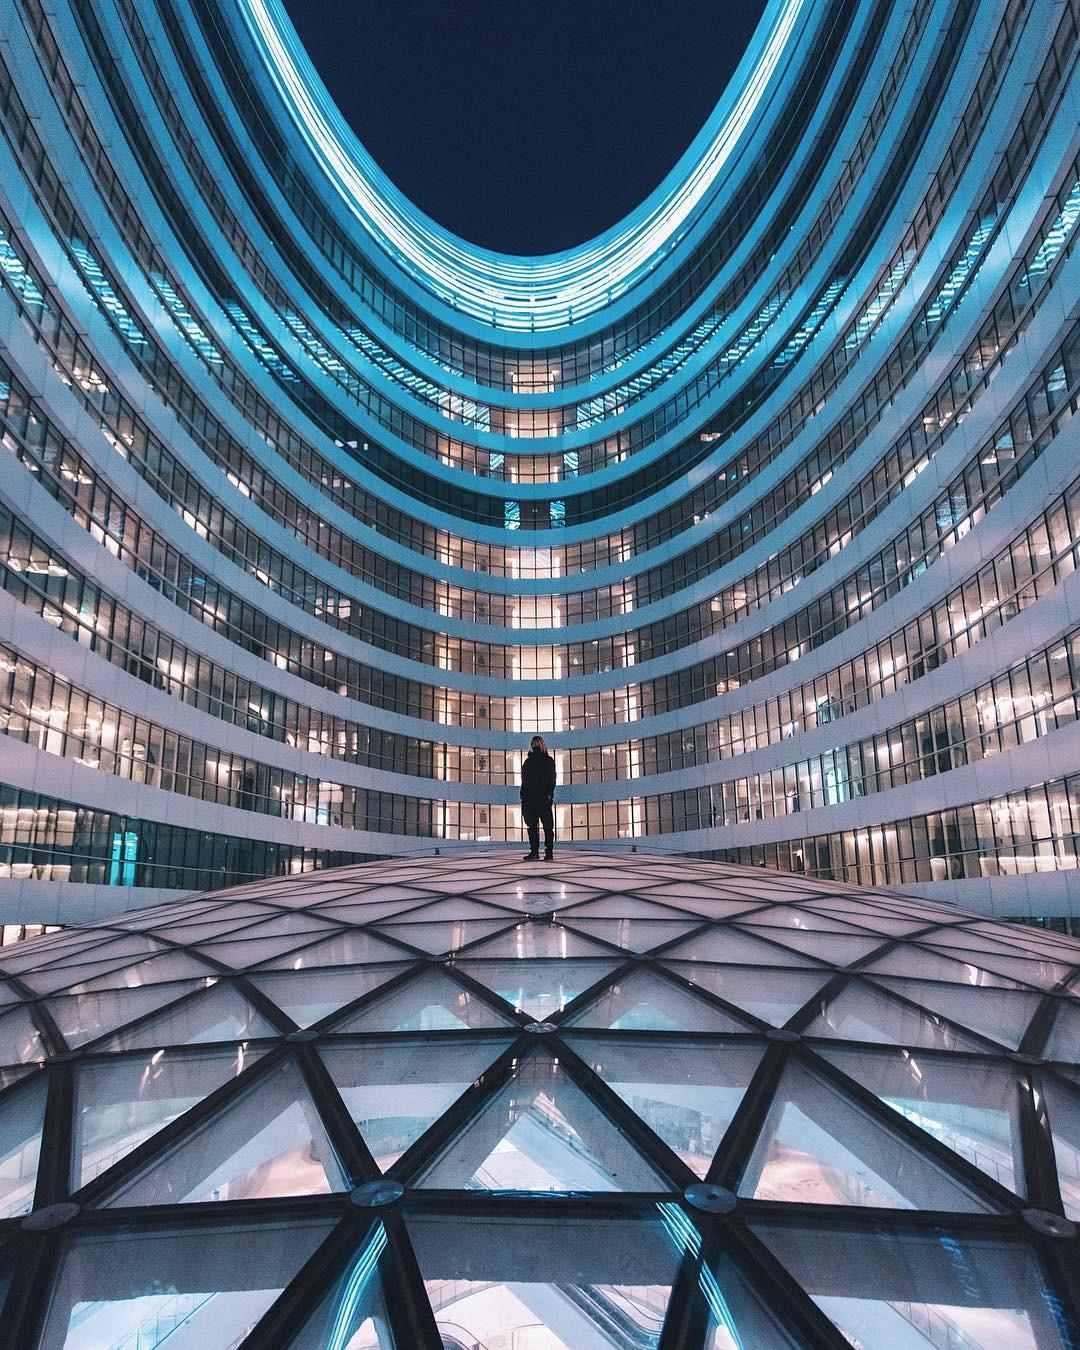 Choáng ngợp trước trung tâm thương mại hình xoắn ốc lên ảnh siêu ảo từng gây tranh cãi khắp Trung Quốc - Ảnh 13.